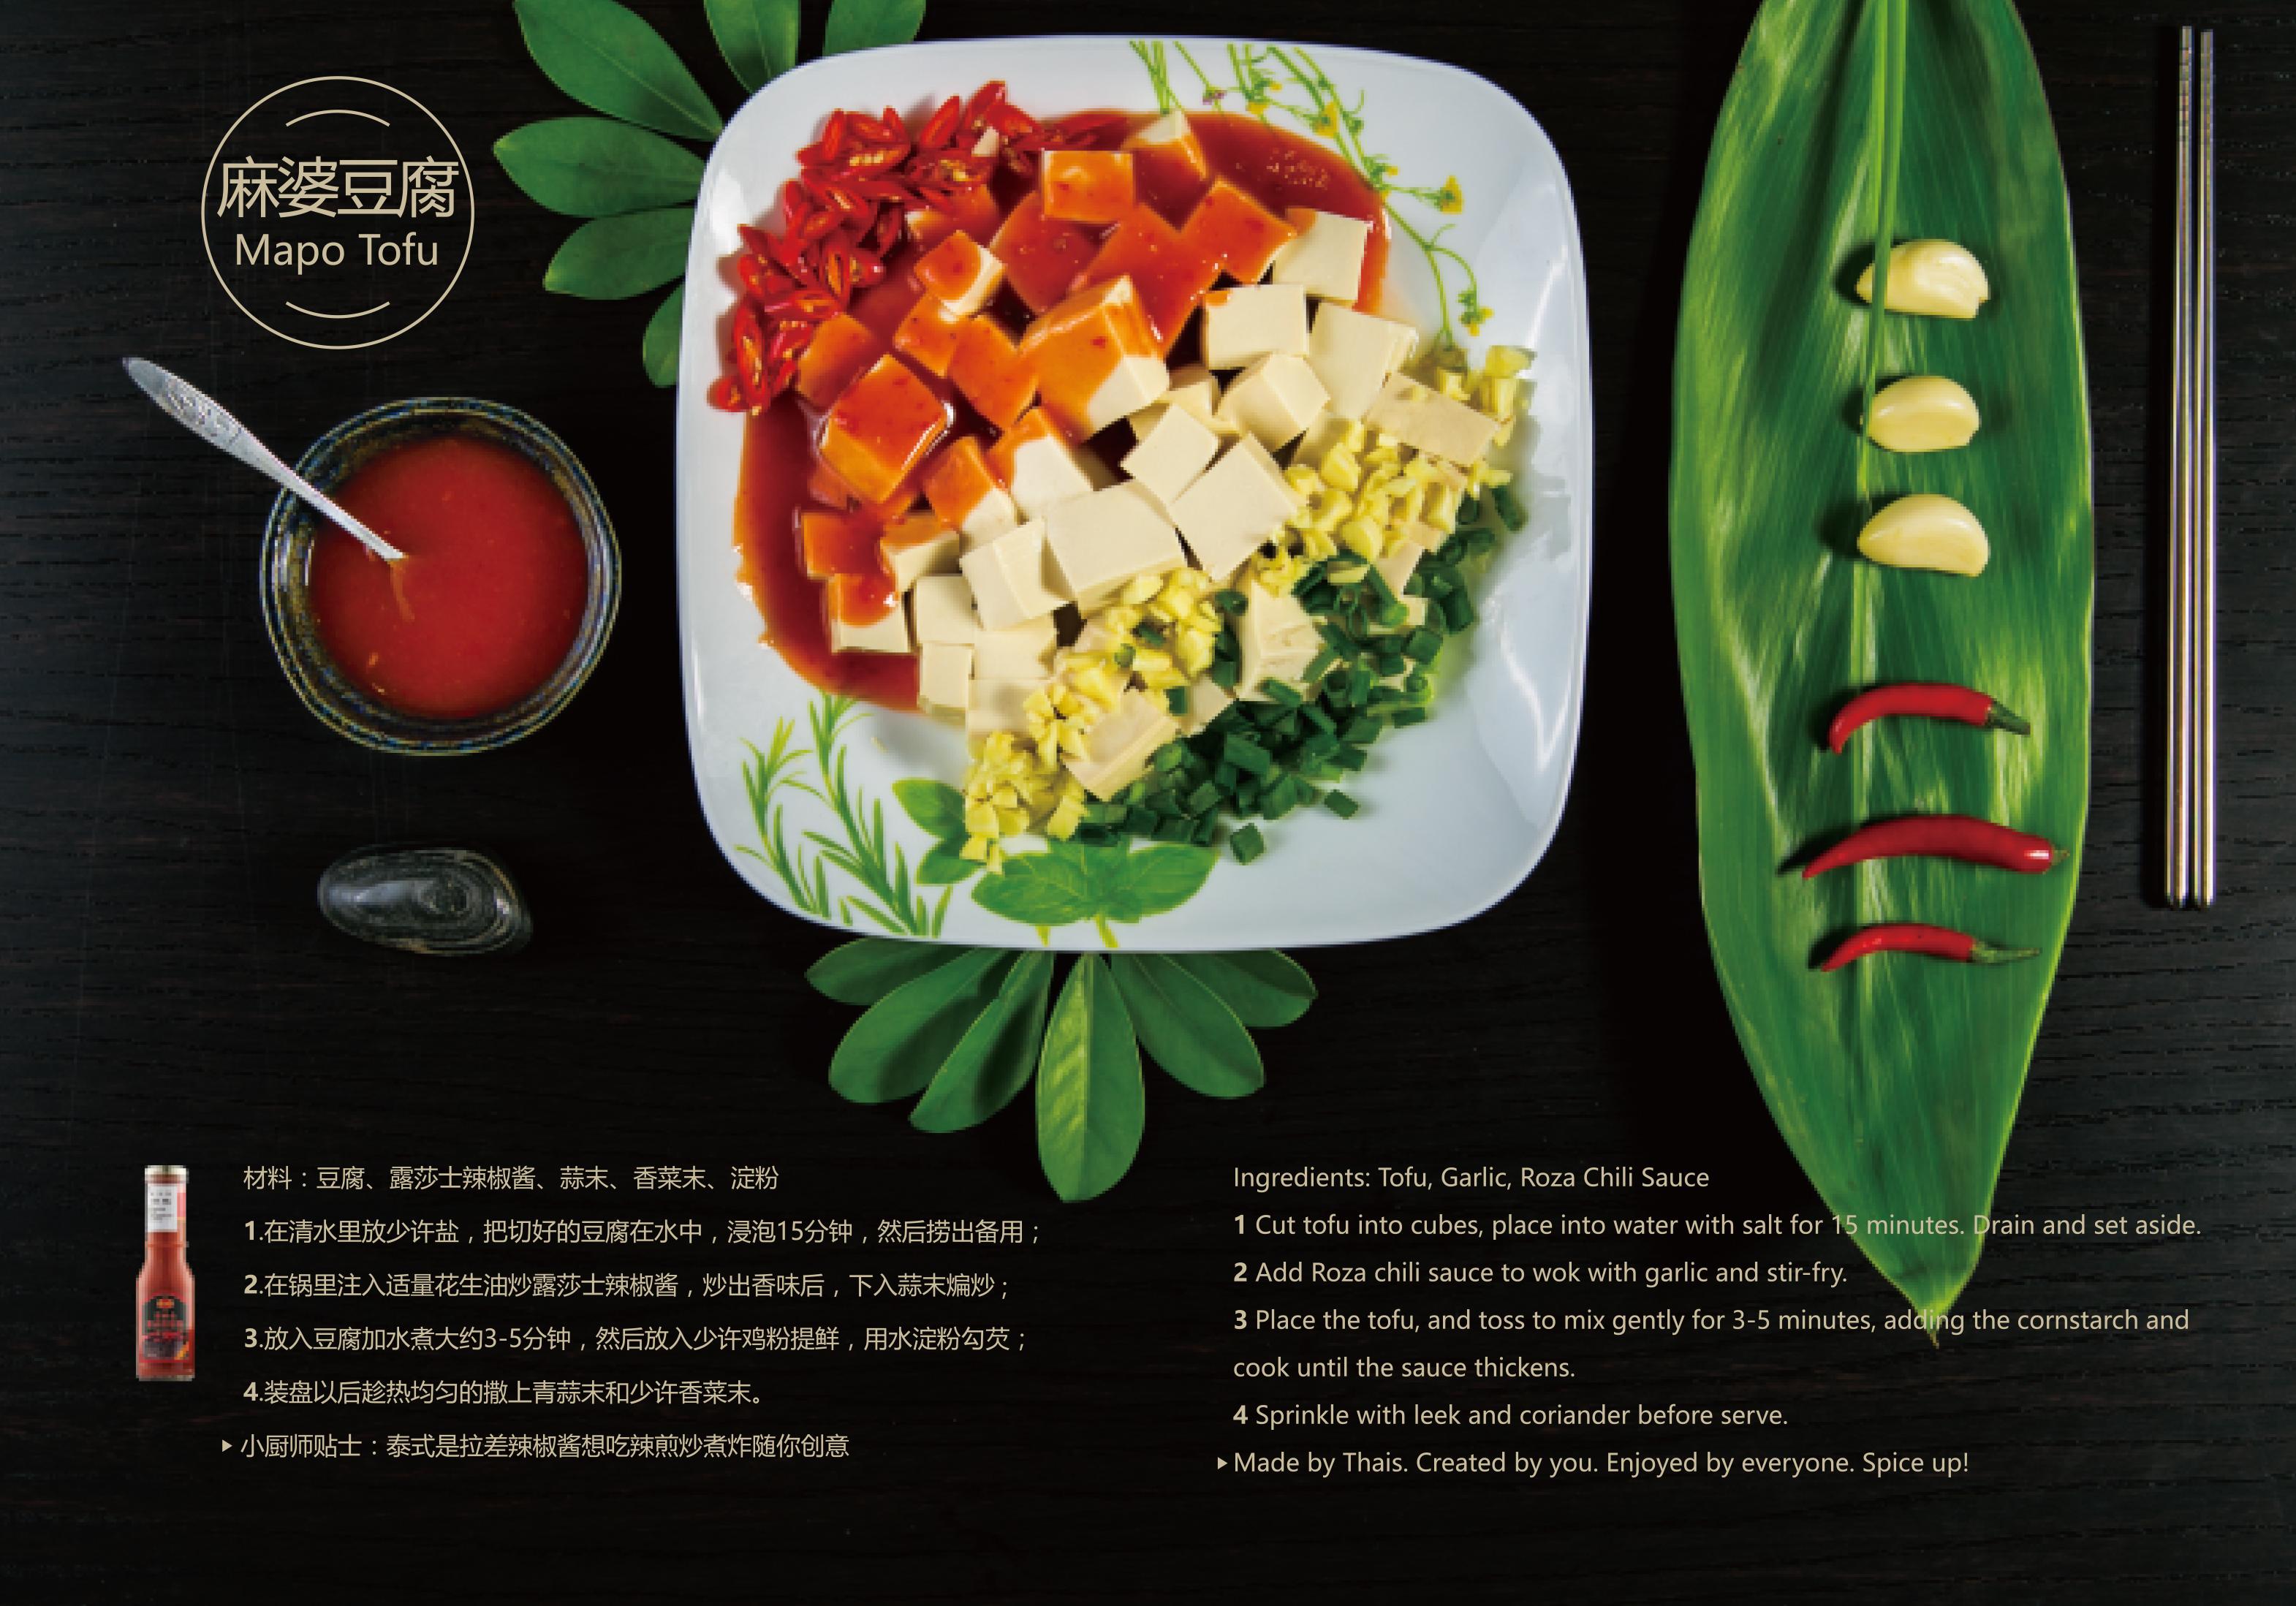 麻婆豆腐-露莎士食谱-三吉食品天猫专营店-拉面食堂